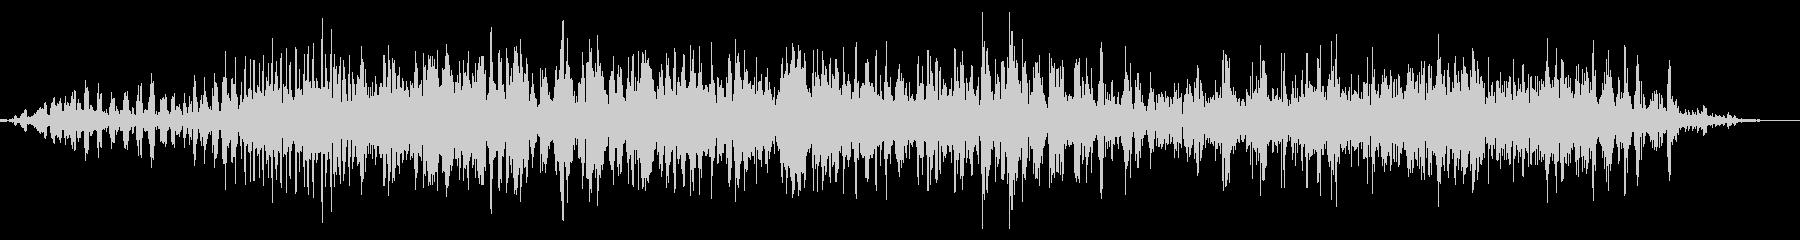 エイリアンクリーチャーグロールの未再生の波形